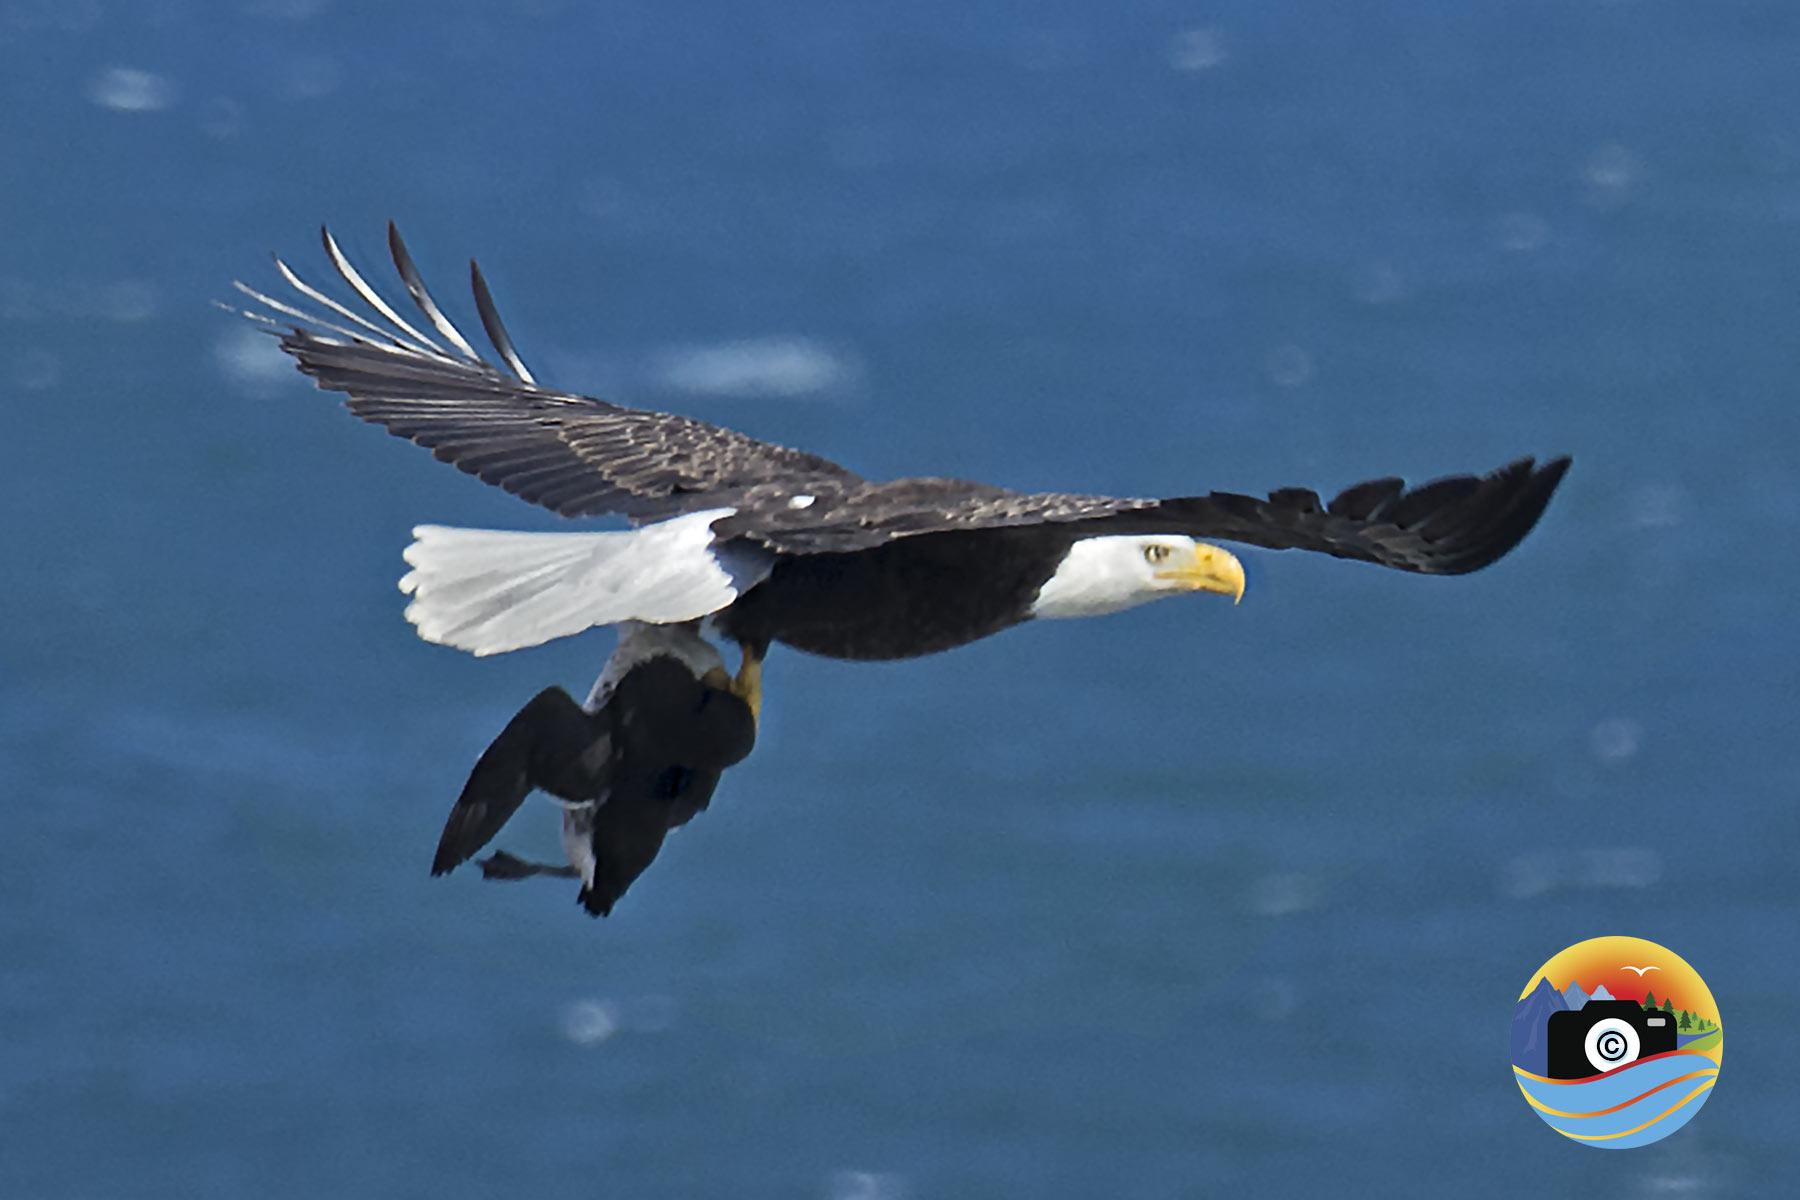 EAGLE-EATS-4